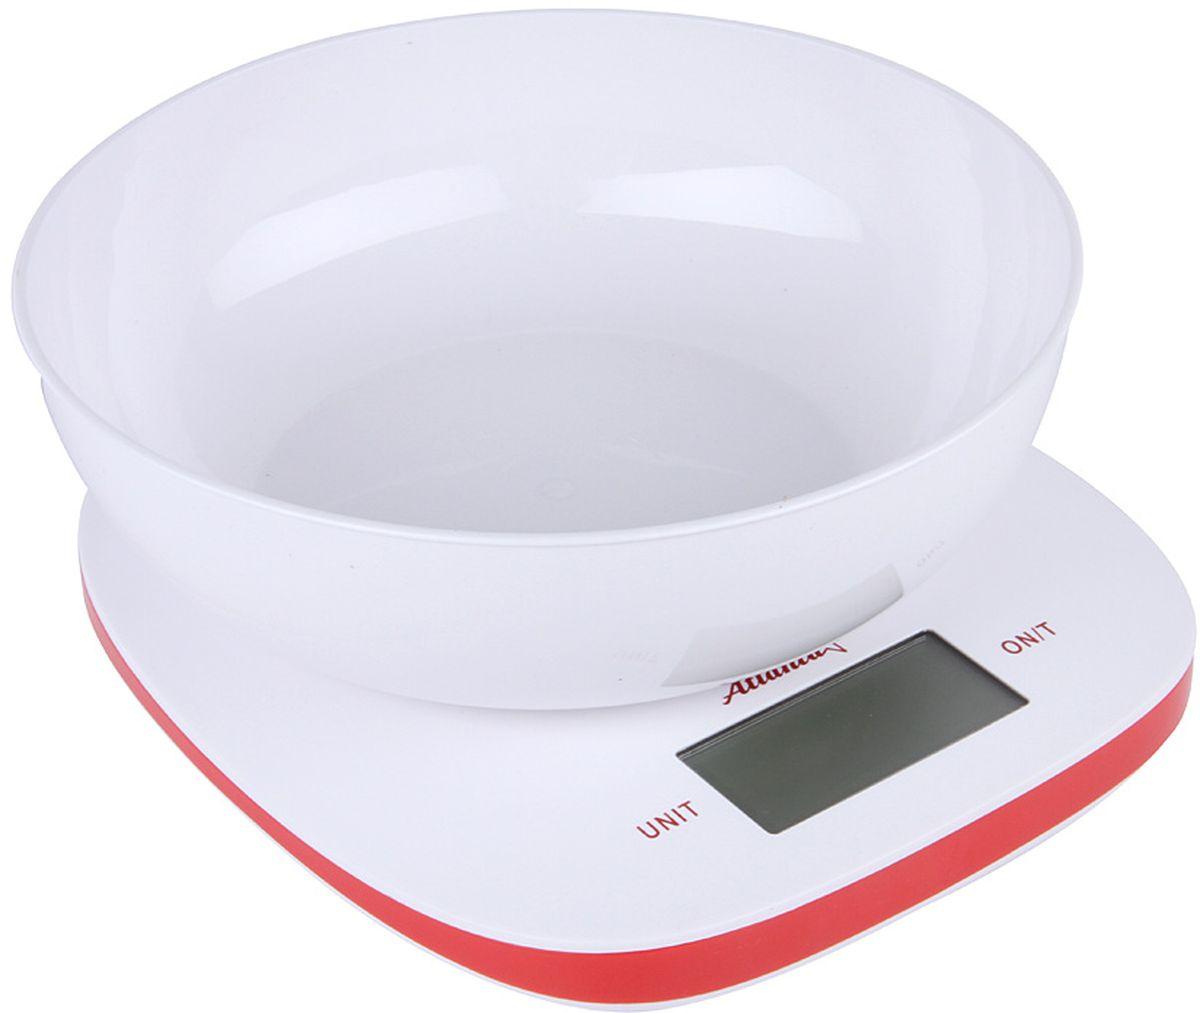 Atlanta ATH-6210, White Red весы кухонныеATH-6210 redКухонные электронные весы Atlanta ATH-6210 - незаменимые помощники современной хозяйки. Они помогут точно взвесить любые продукты и ингредиенты. Кроме того, позволят людям, соблюдающим диету, контролировать количество съедаемой пищи и размеры порций. Предназначены для взвешивания продуктов с точностью измерения 1 грамм.Размер дисплея: 5,83 см х 2,7 смФункция обнуления веса